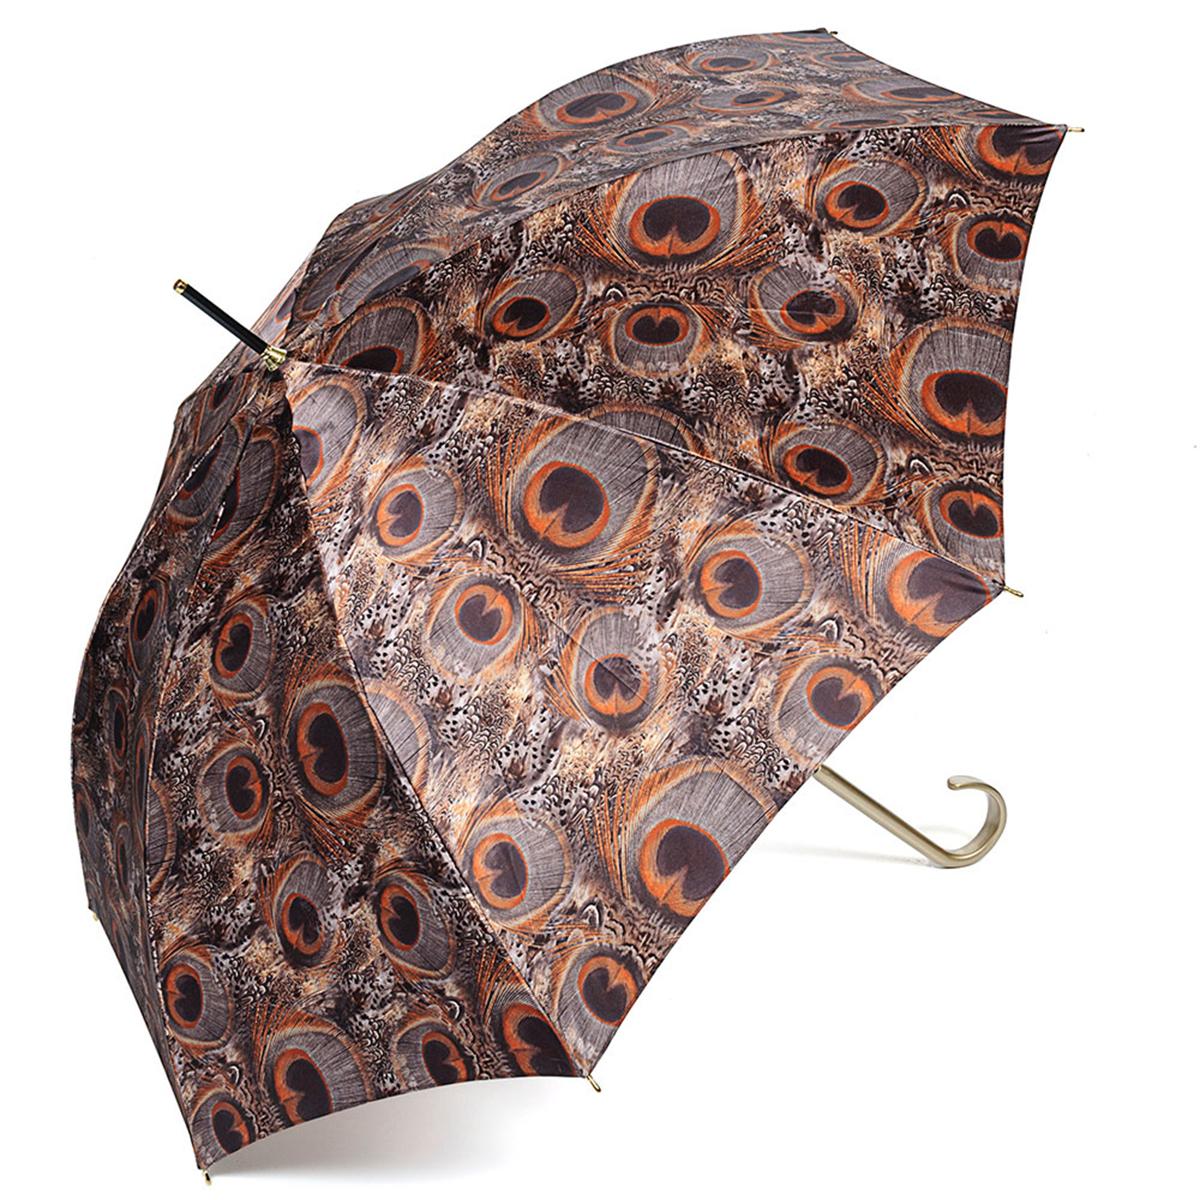 Зонт-трость женский Stilla, цвет: коричневый. 726/2 autoКолье (короткие одноярусные бусы)Зонт-трость Stilla надежно защитит вас от дождя. Купол, оформленный оригинальным принтом, выполнен из высококачественного ПВХ, который не пропускает воду.Каркас зонта и спицы выполнены из высококарбонистой стали. Зонт имеет автоматический тип сложения: открывается и закрывается при нажатии на кнопку. Удобная ручка выполнена из пластика.